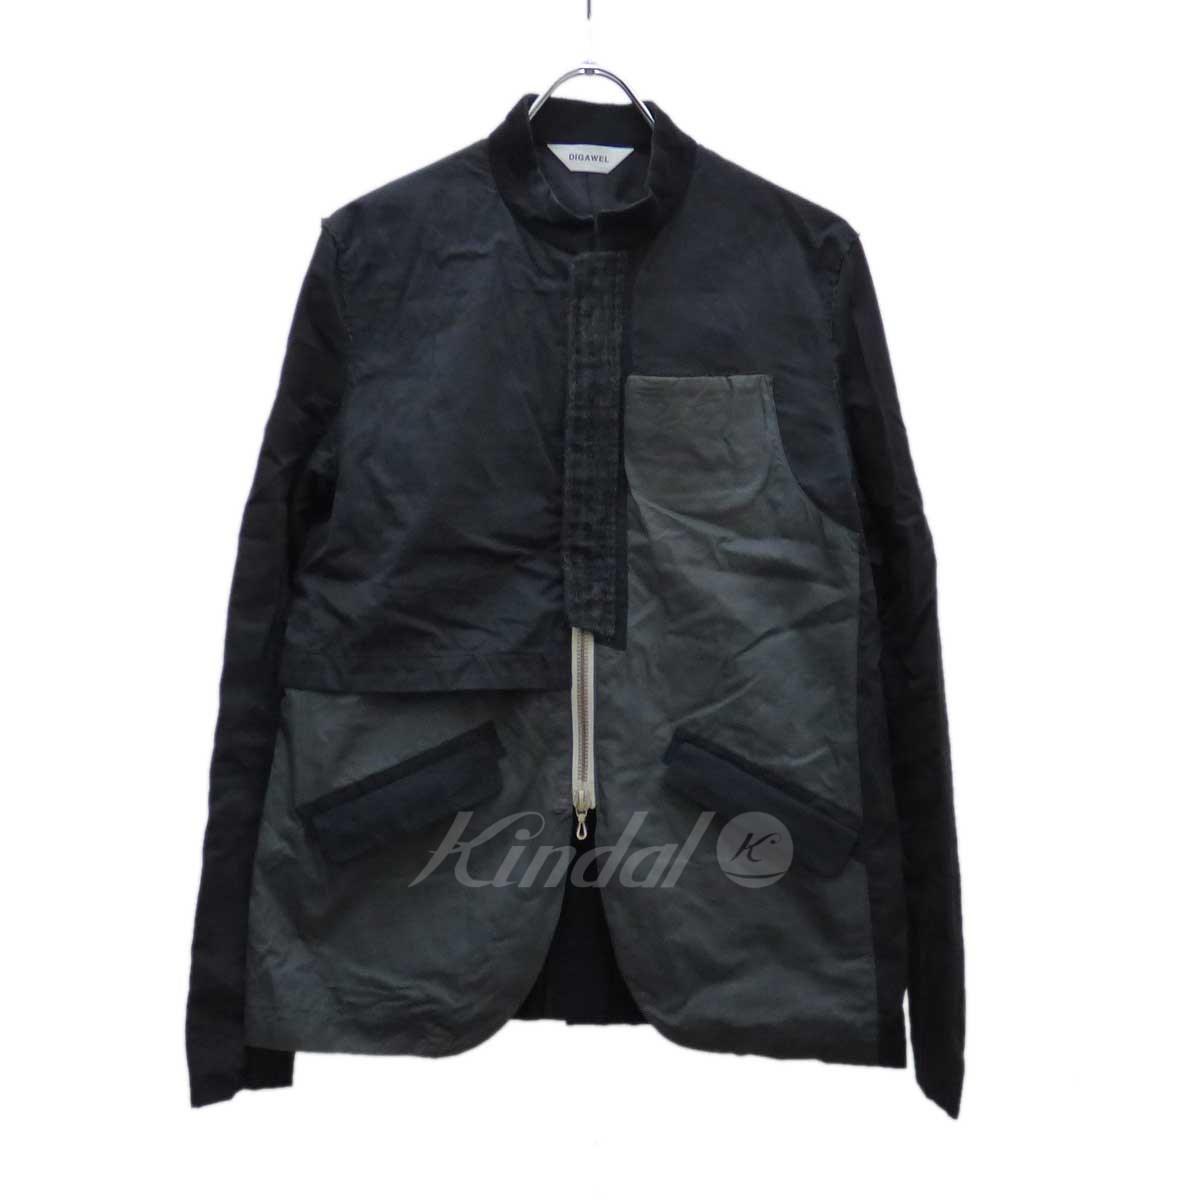 【中古】DIGAWEL 変則切替ZIPジャケット ブラック×グレー サイズ:1 【送料無料】 【090419】(ディガウェル)